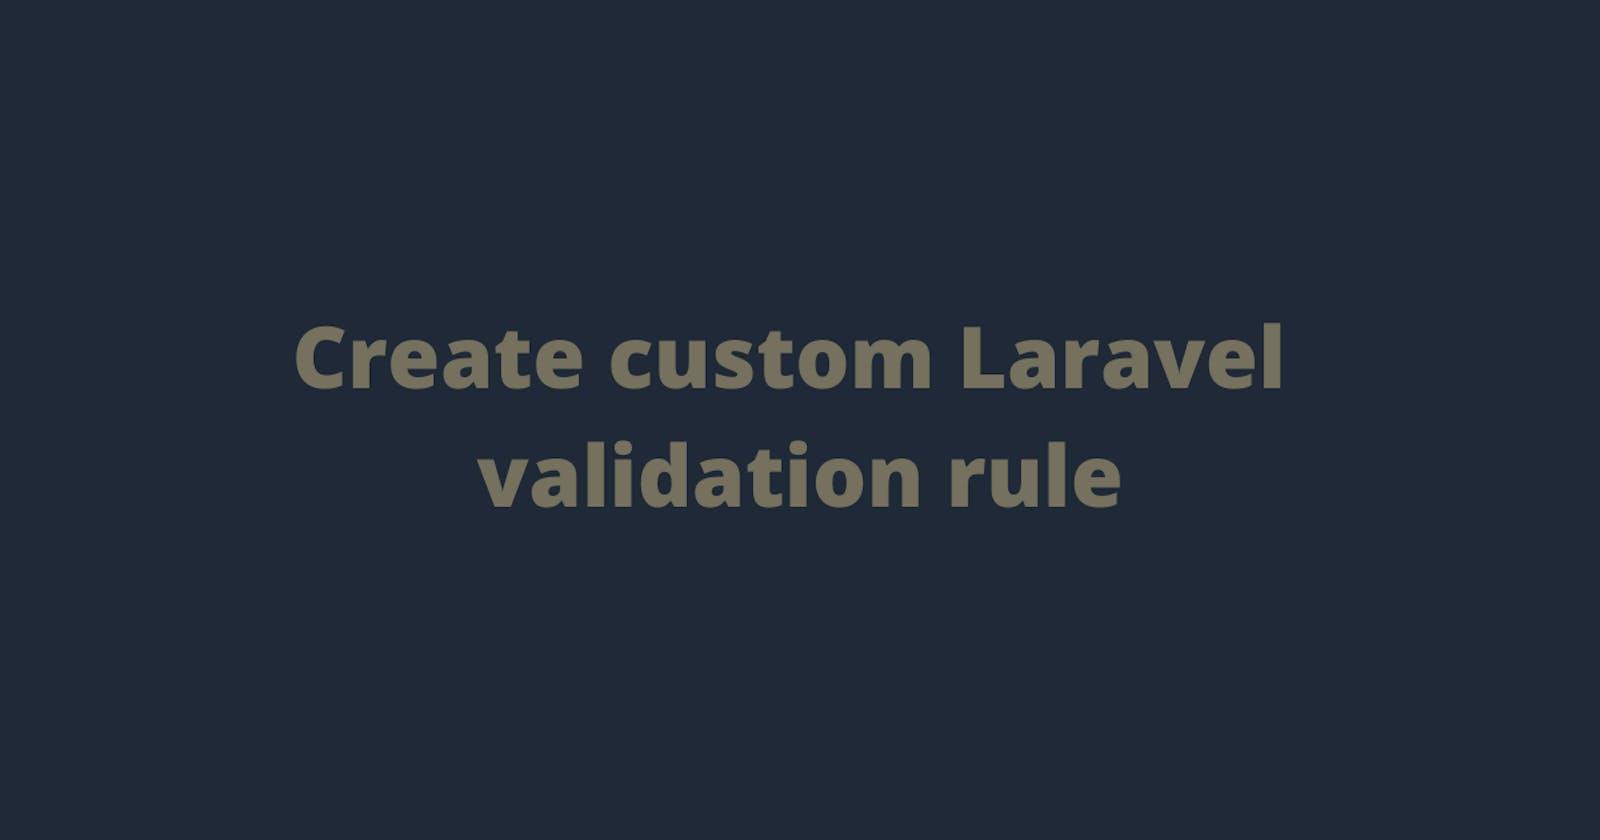 Create custom Laravel validation rule